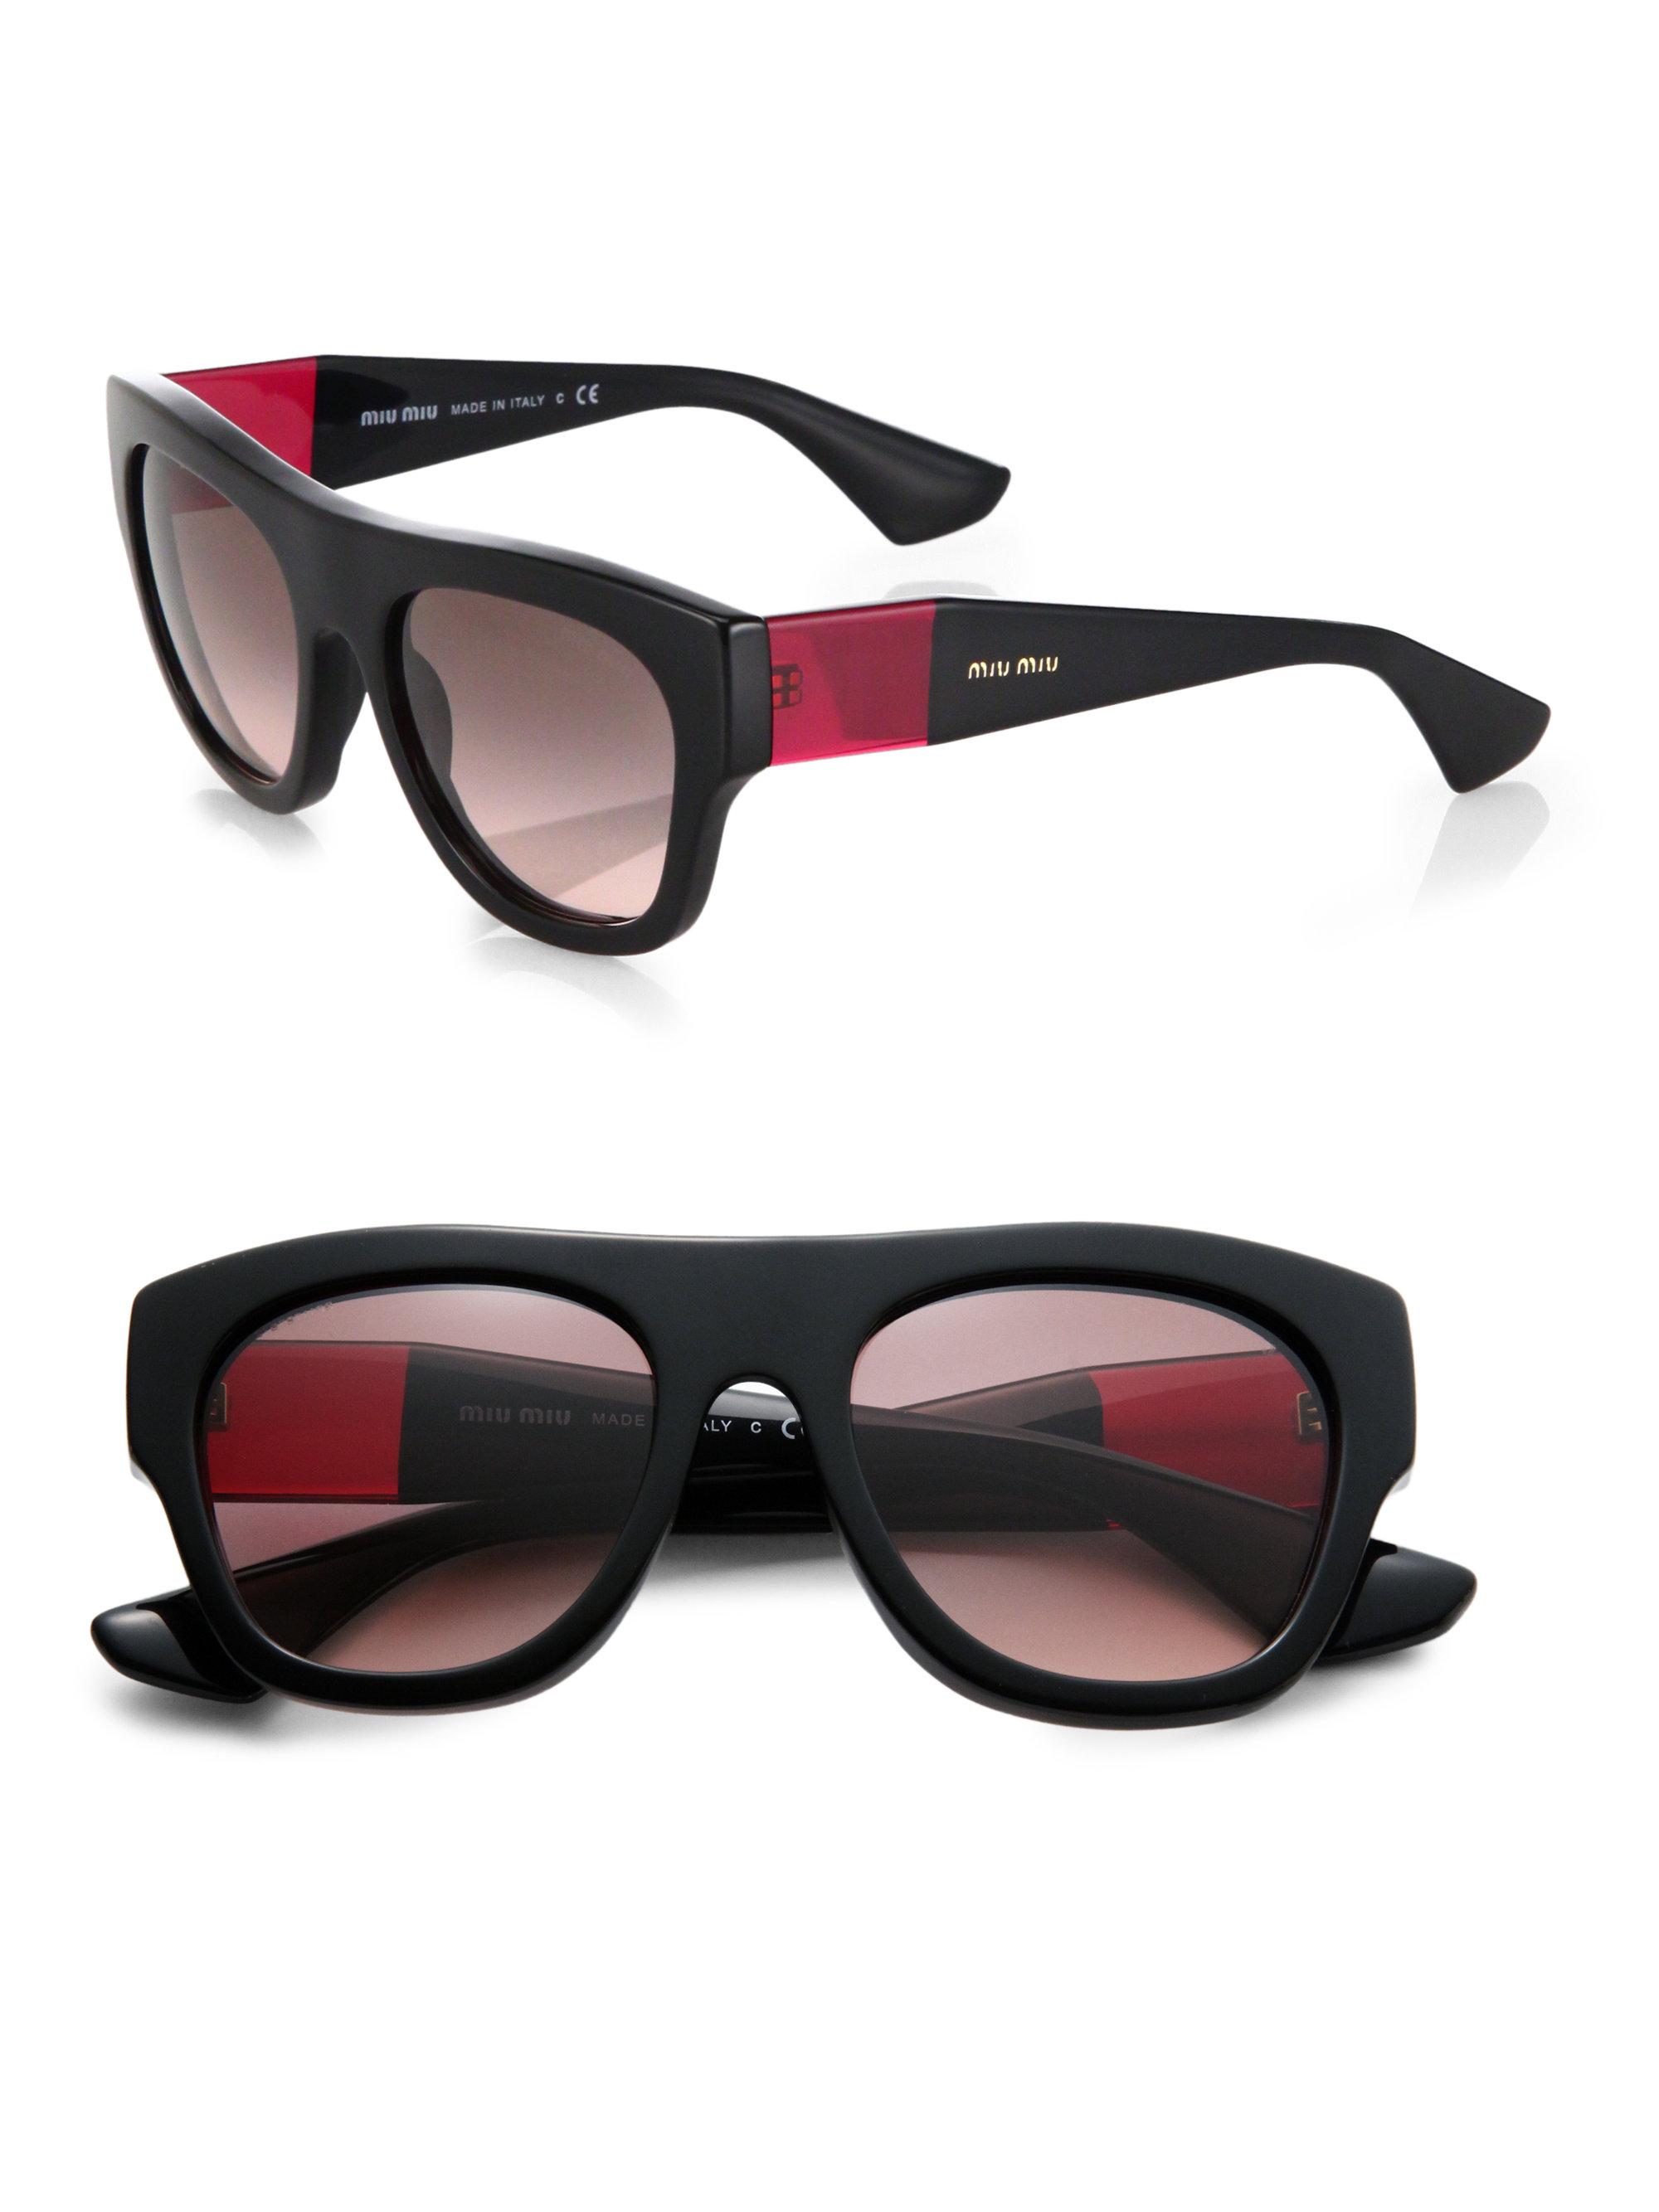 7e4f9f5928 Miu Miu Sunglasses Saks Fifth Avenue